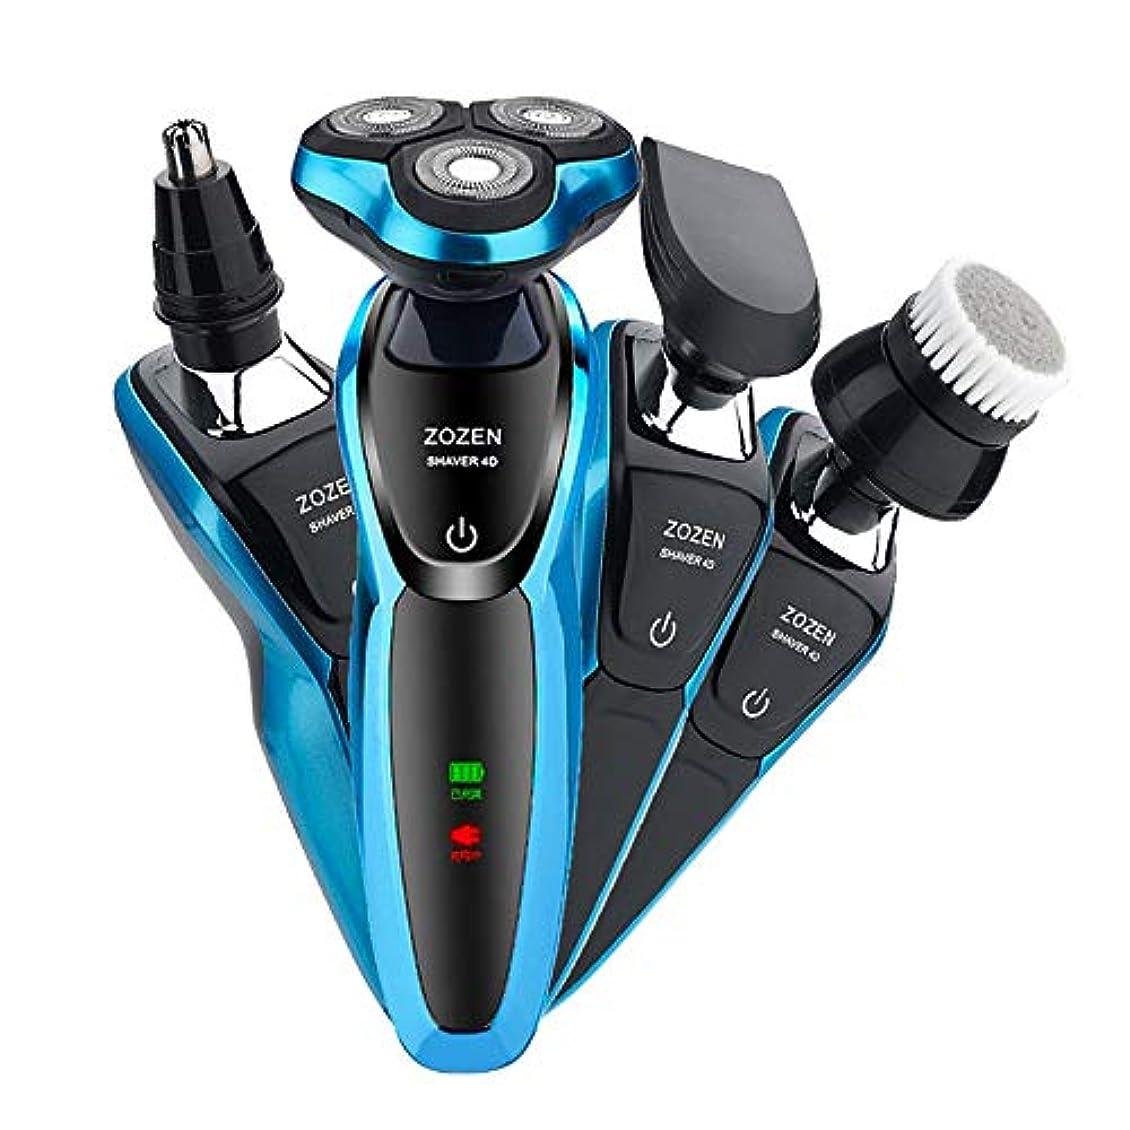 男やもめ予見する反論者耳と鼻毛トリマークリッパー ビアードトリマーメンズ鼻毛トリマーを充電USBメンズ多機能車 快適で使いやすい (Color : Blue, Size : USB)